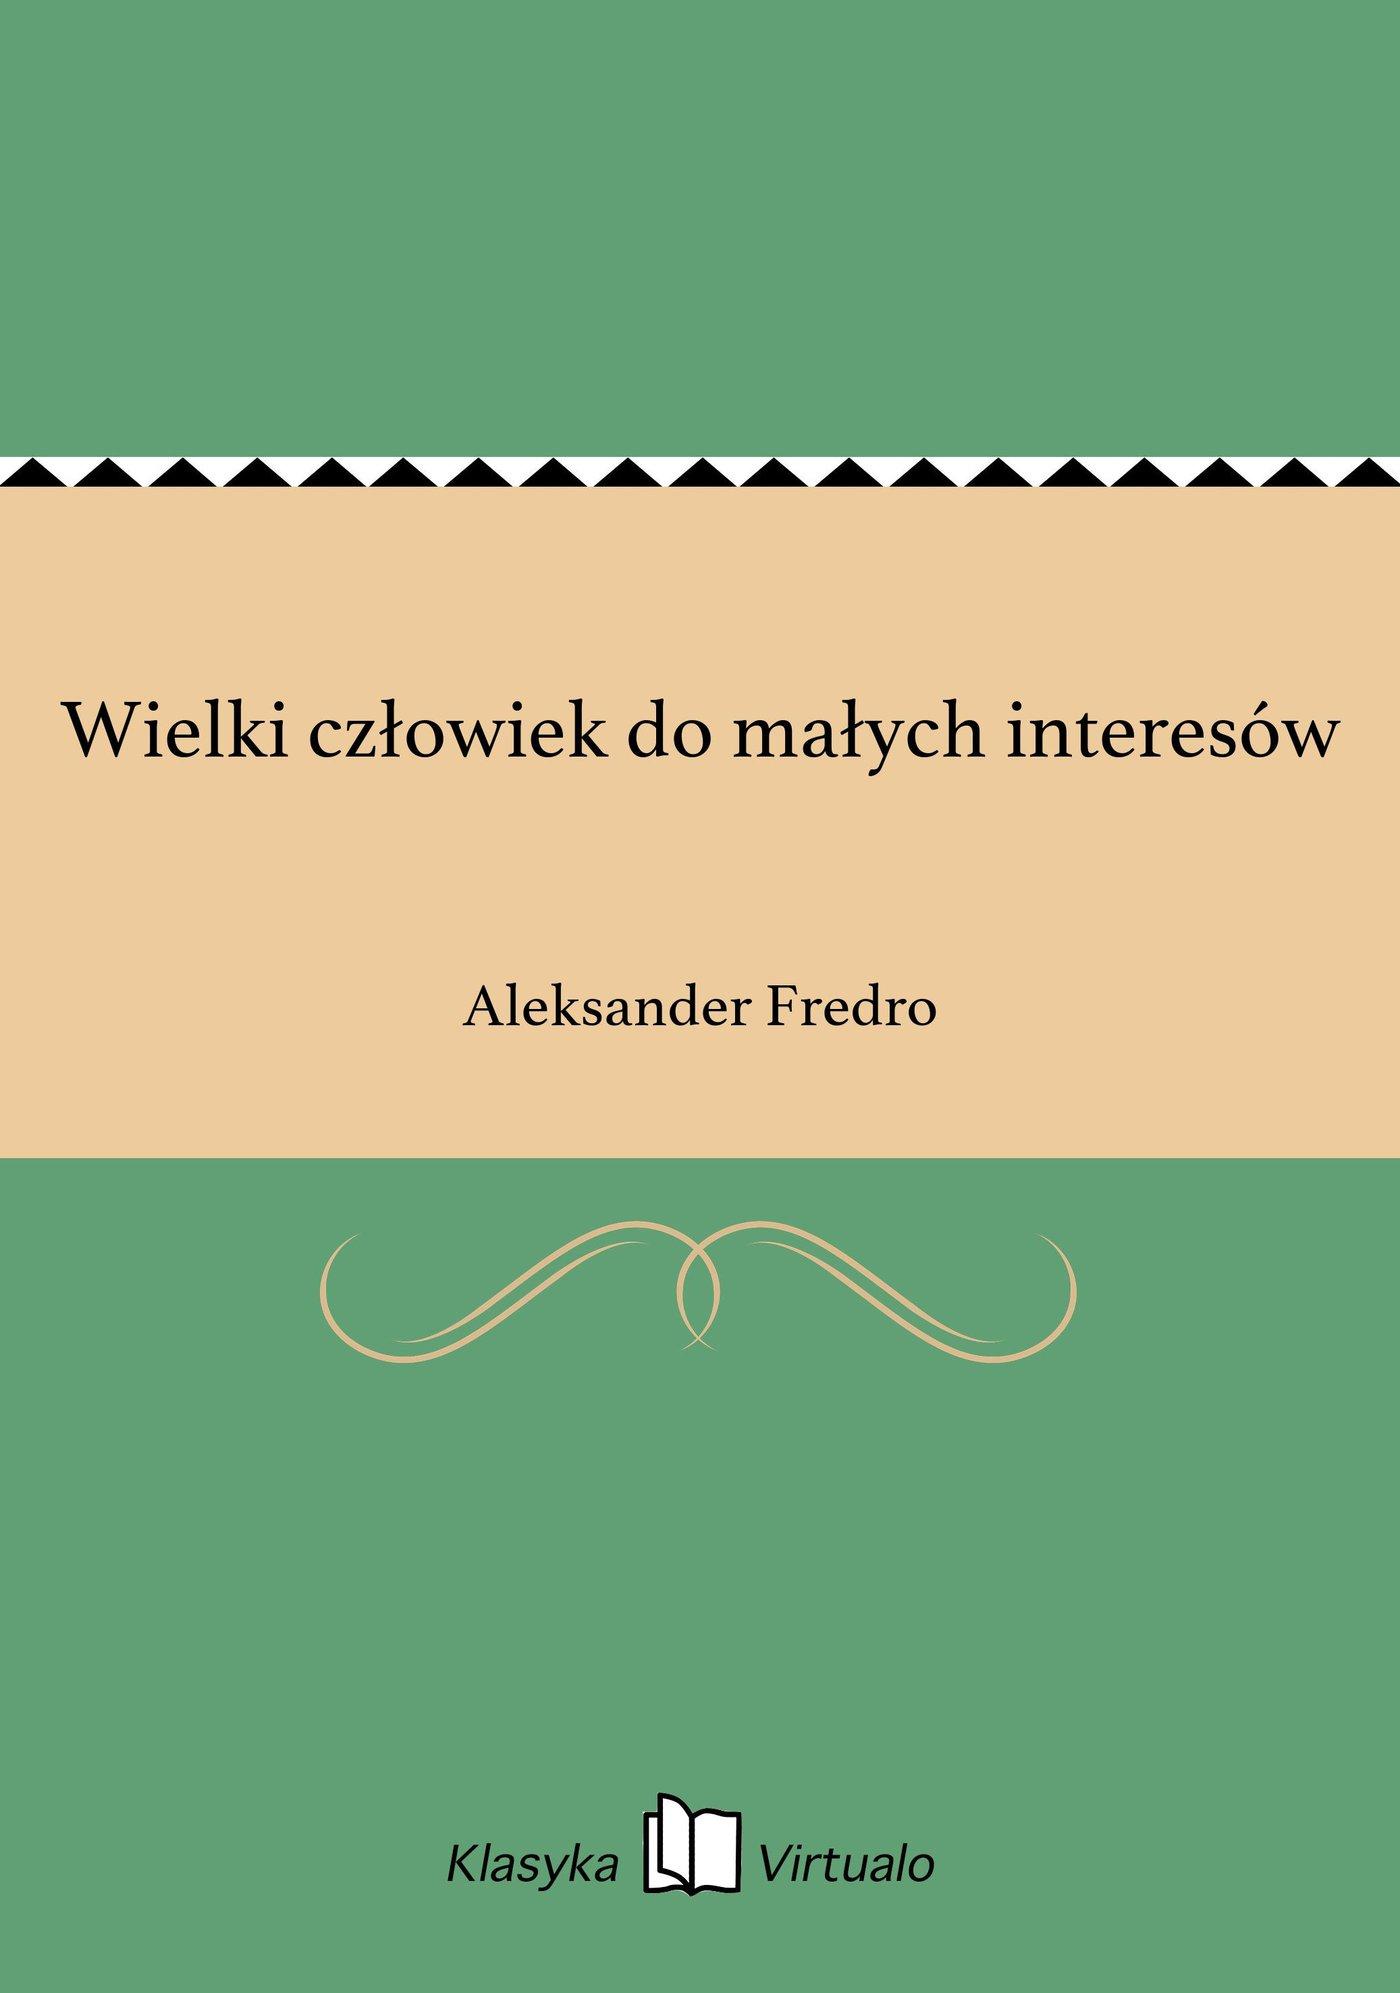 Wielki człowiek do małych interesów - Ebook (Książka na Kindle) do pobrania w formacie MOBI